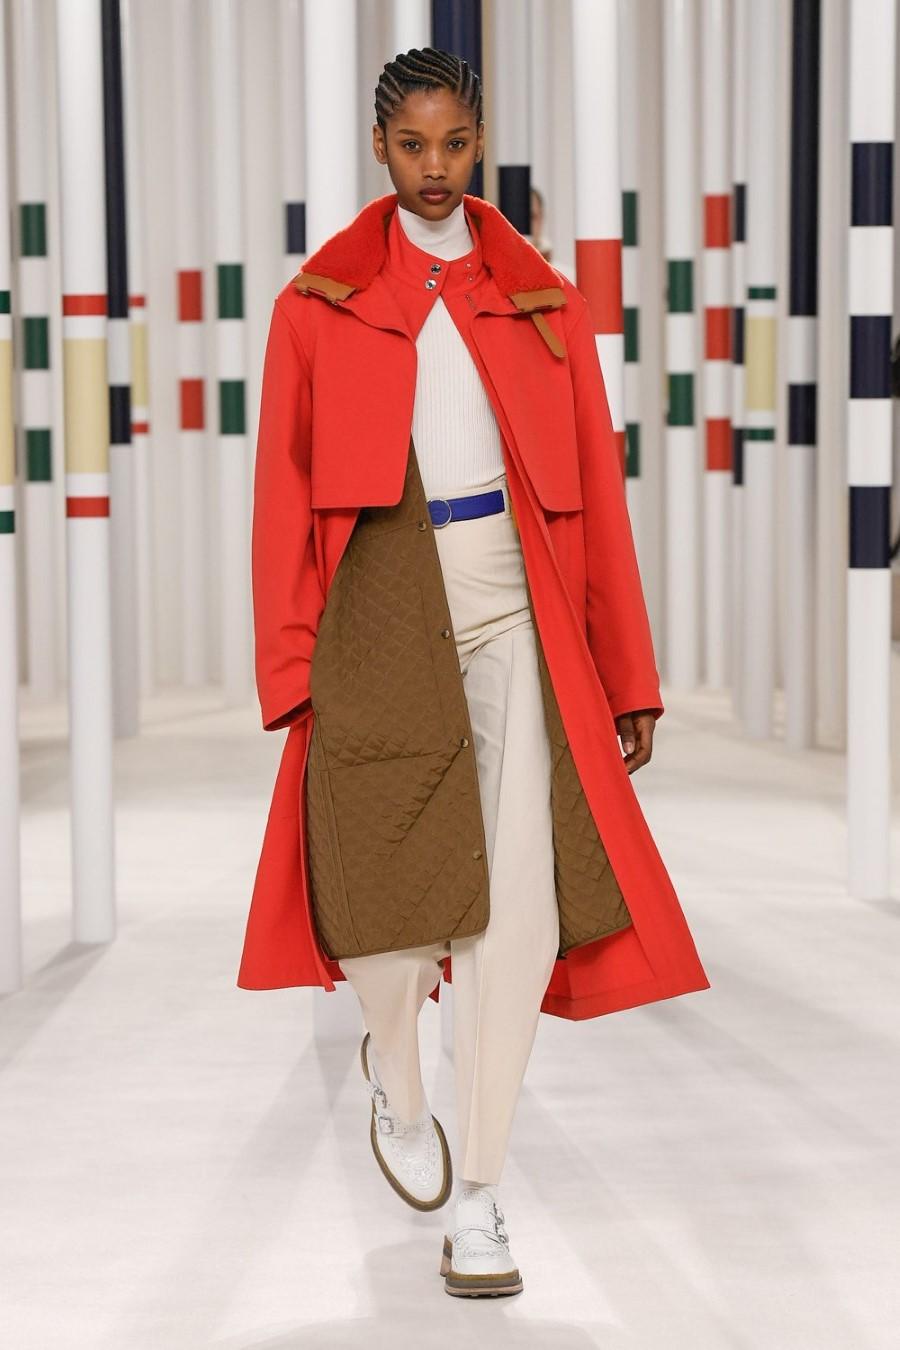 Hermès - Fall Winter 2020 - Paris Fashion WeekHermès - Fall Winter 2020 - Paris Fashion Week